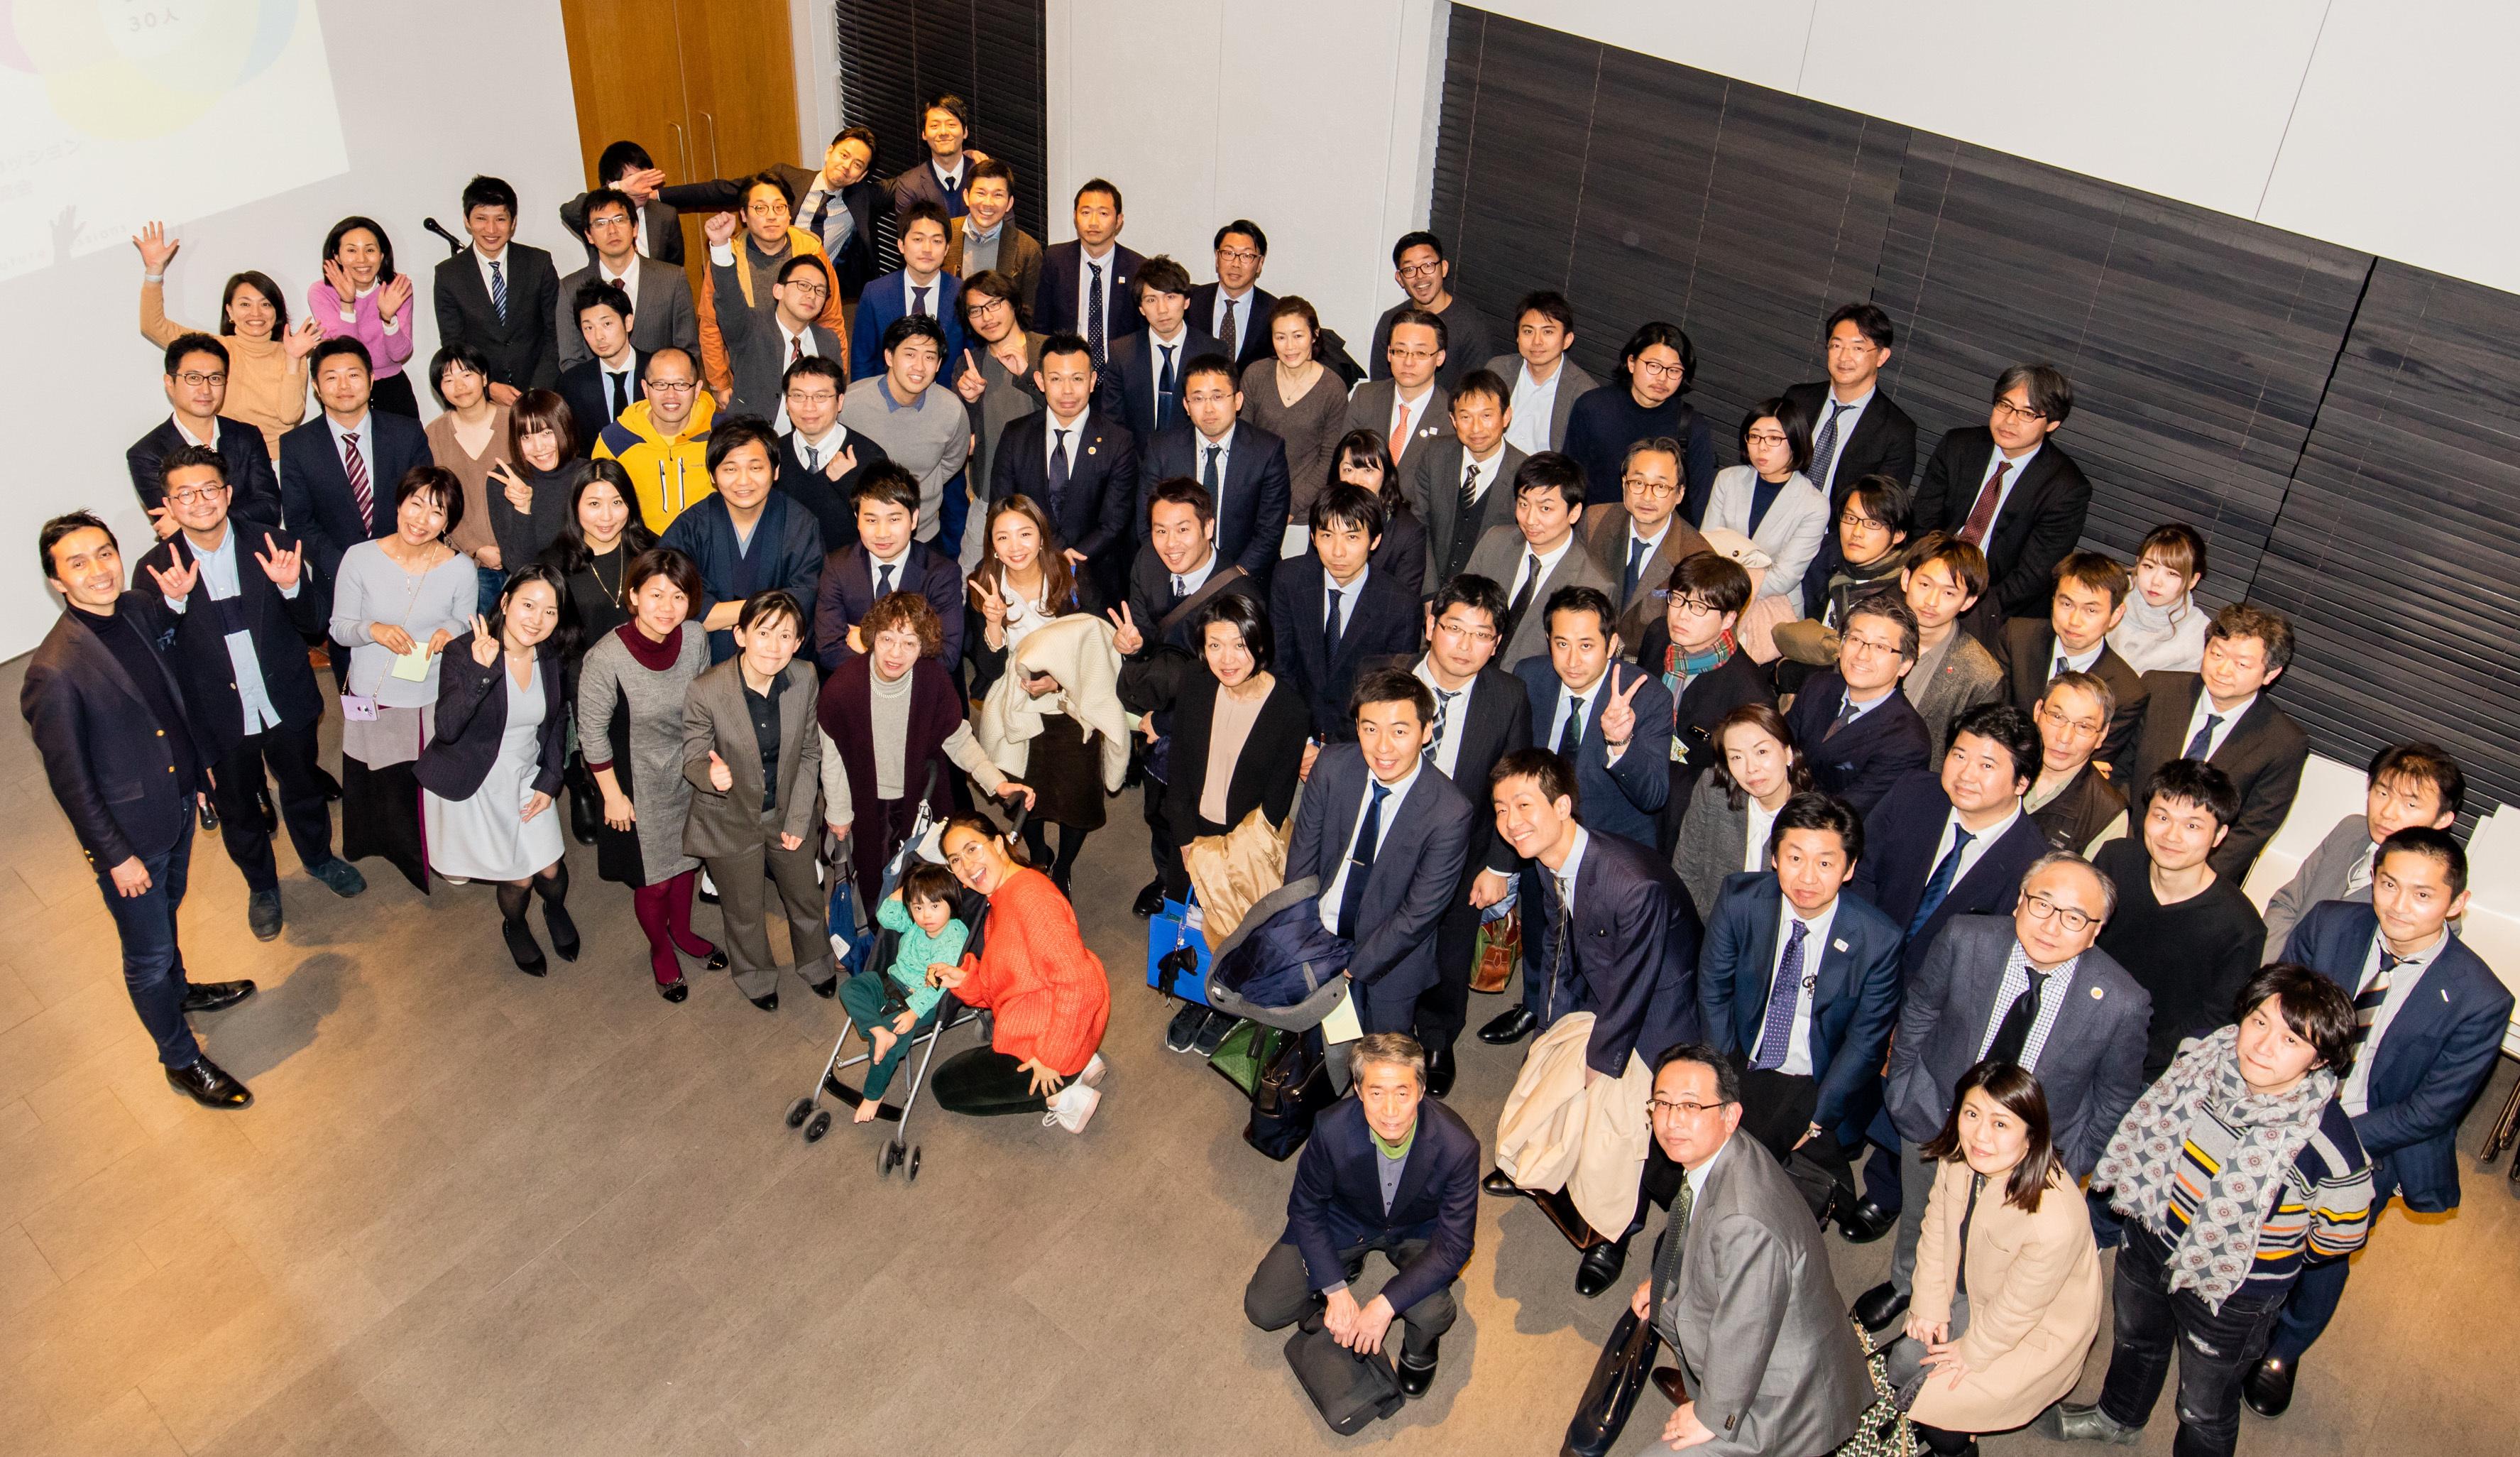 「渋谷をつなげる30人」第2期のレポーティングセッションが開催されました。